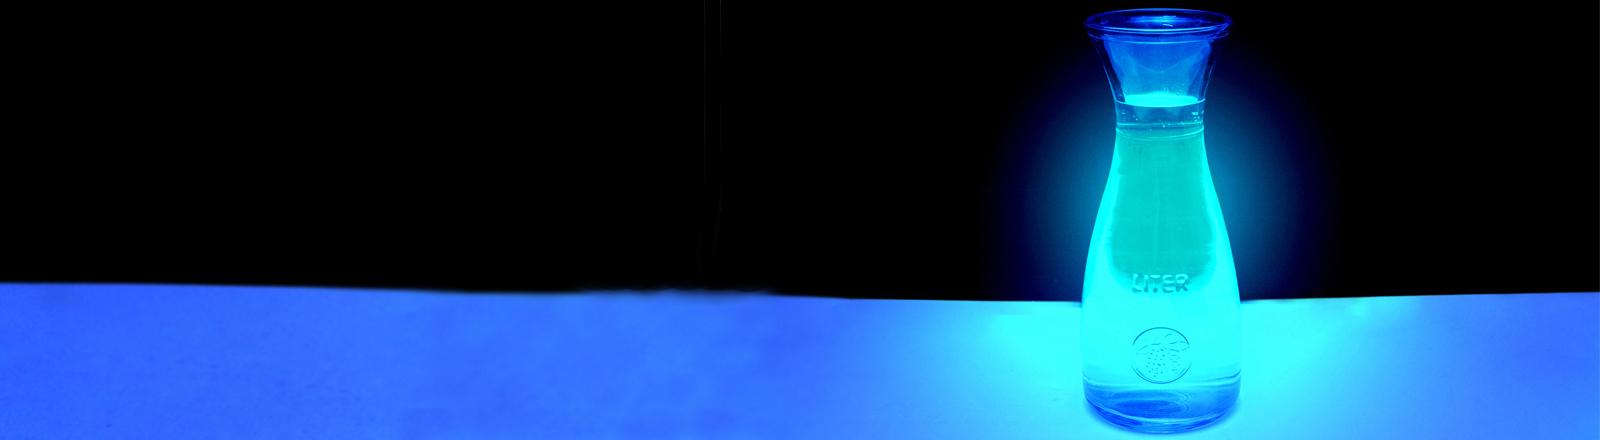 Eine Flasche mit weisslich-blau leuchtender Flüssigkeit vor schwarzem Hintergrund